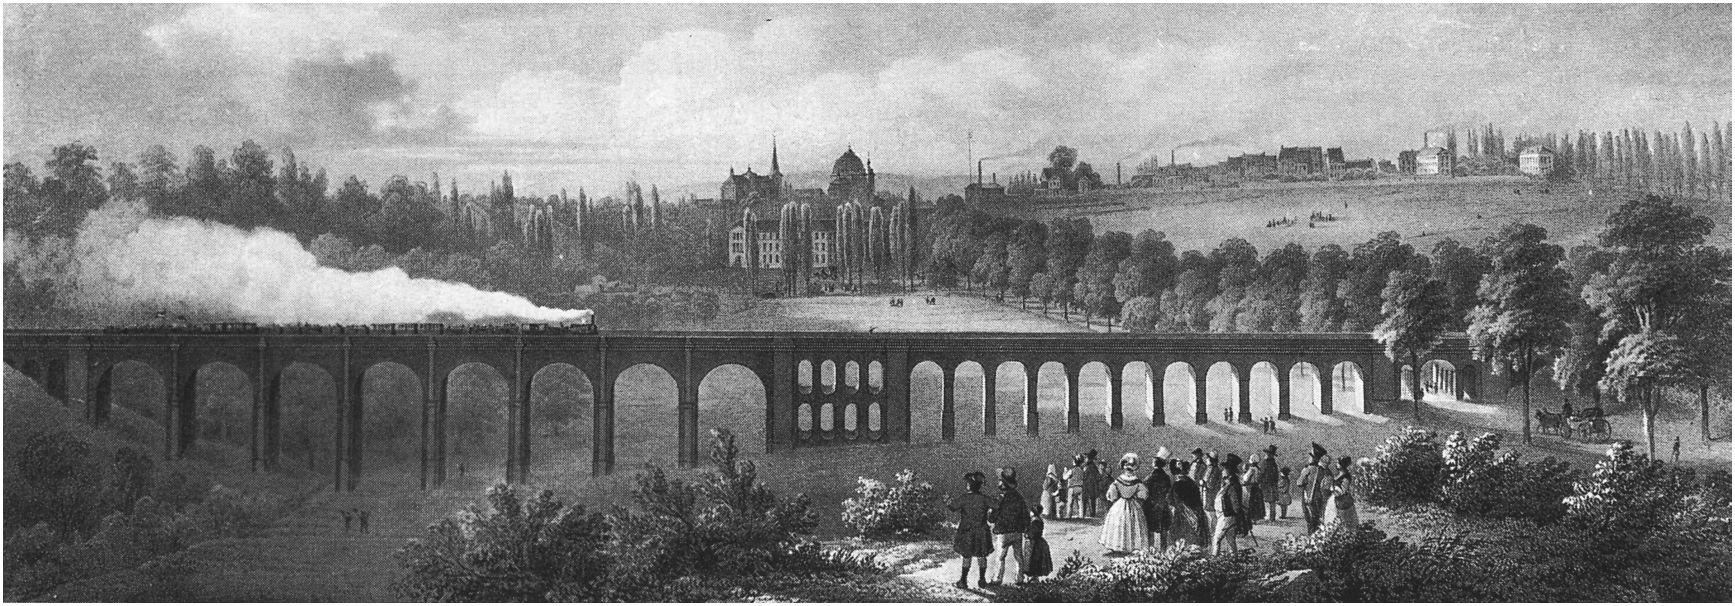 1841_Aachen_Burtscheider_Viadukt_x1F2_F